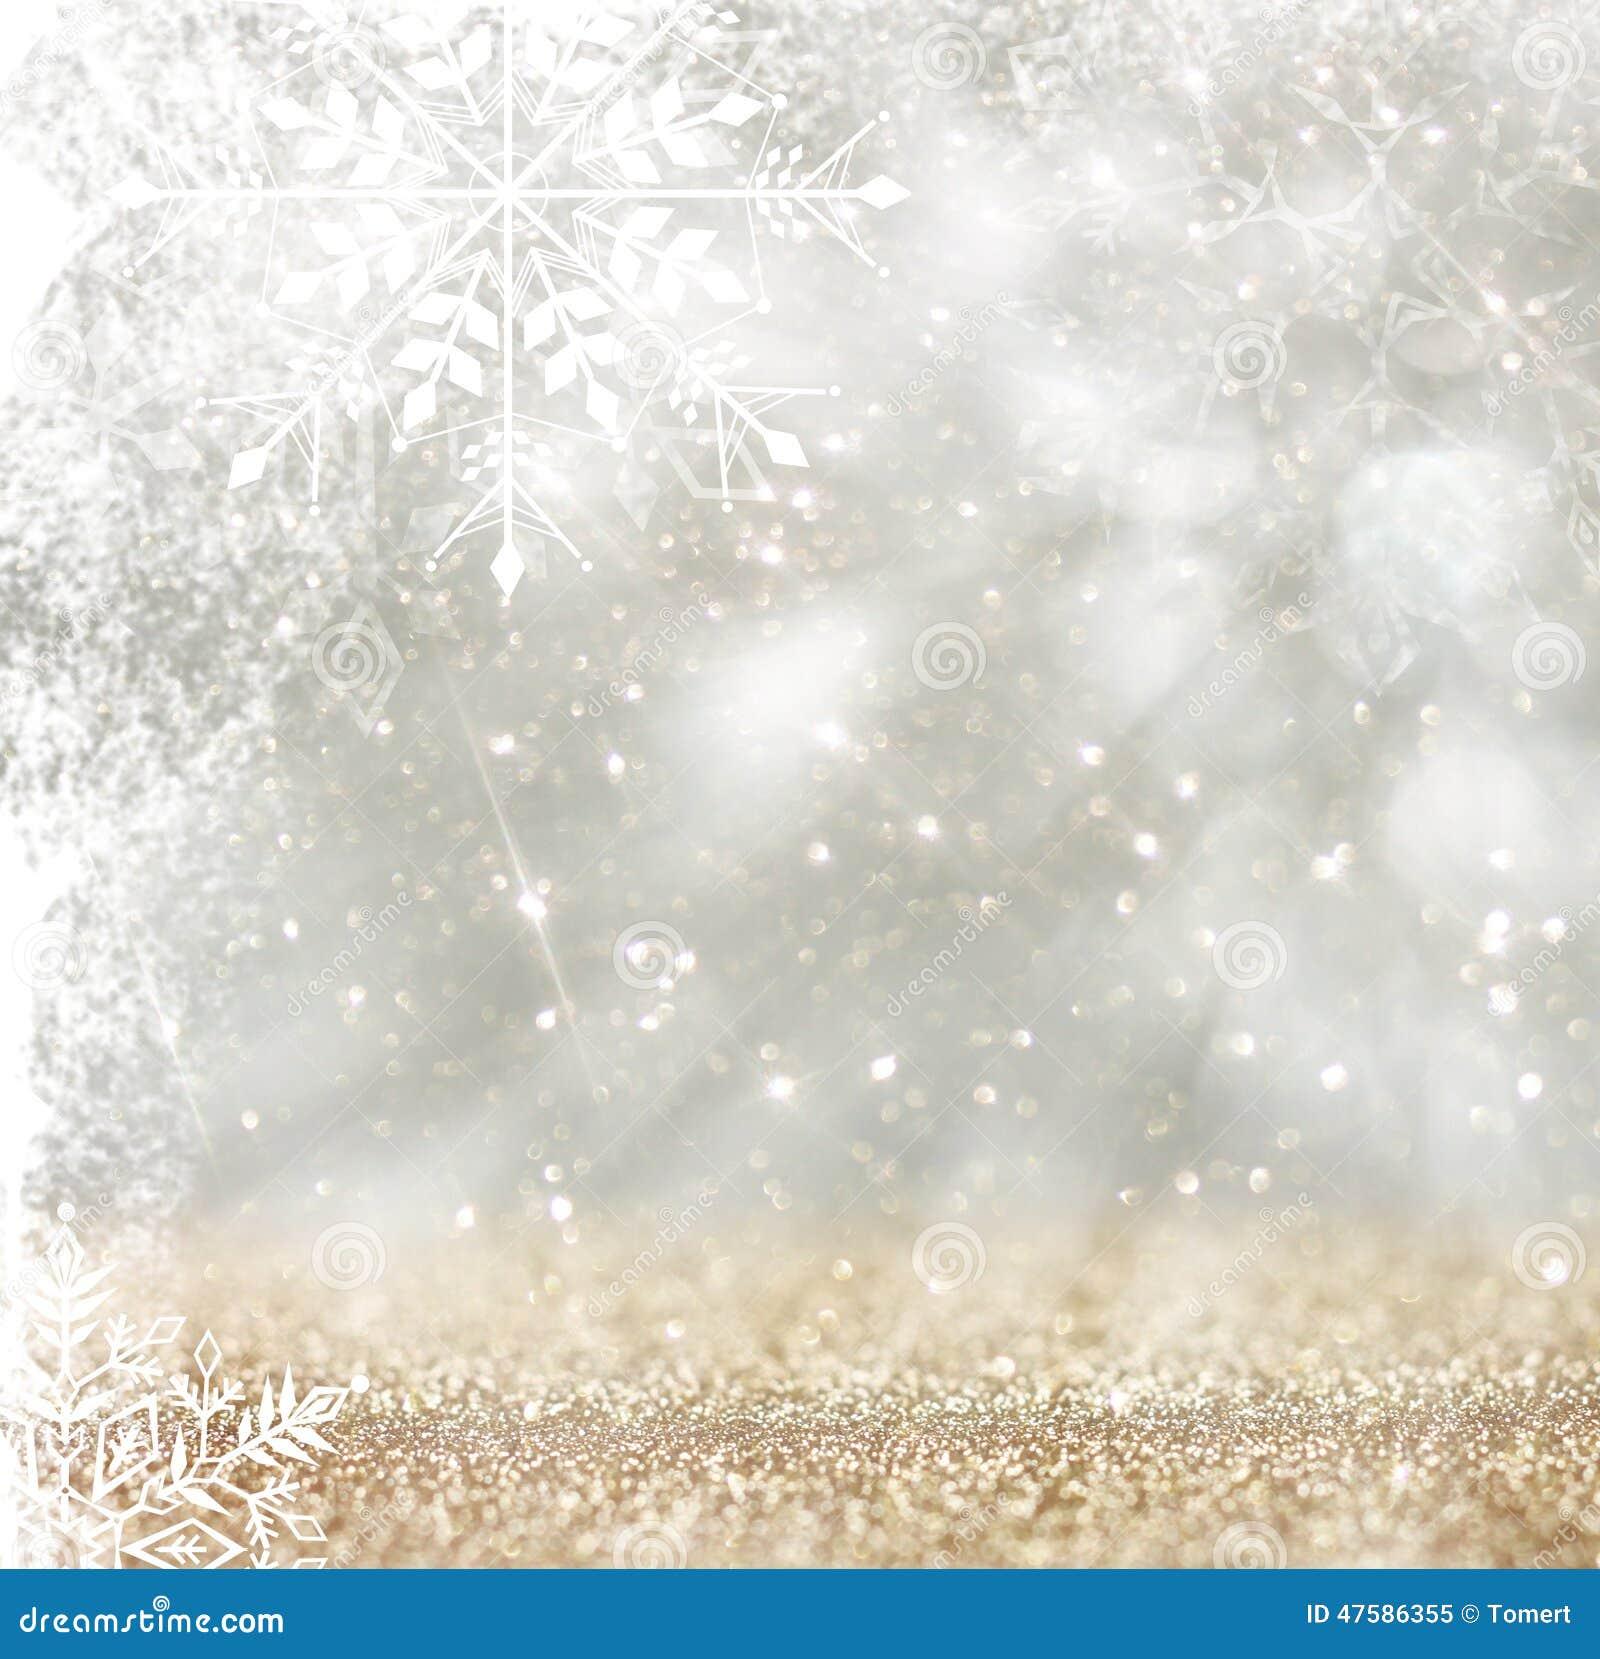 Snow Flake Christmas Lights